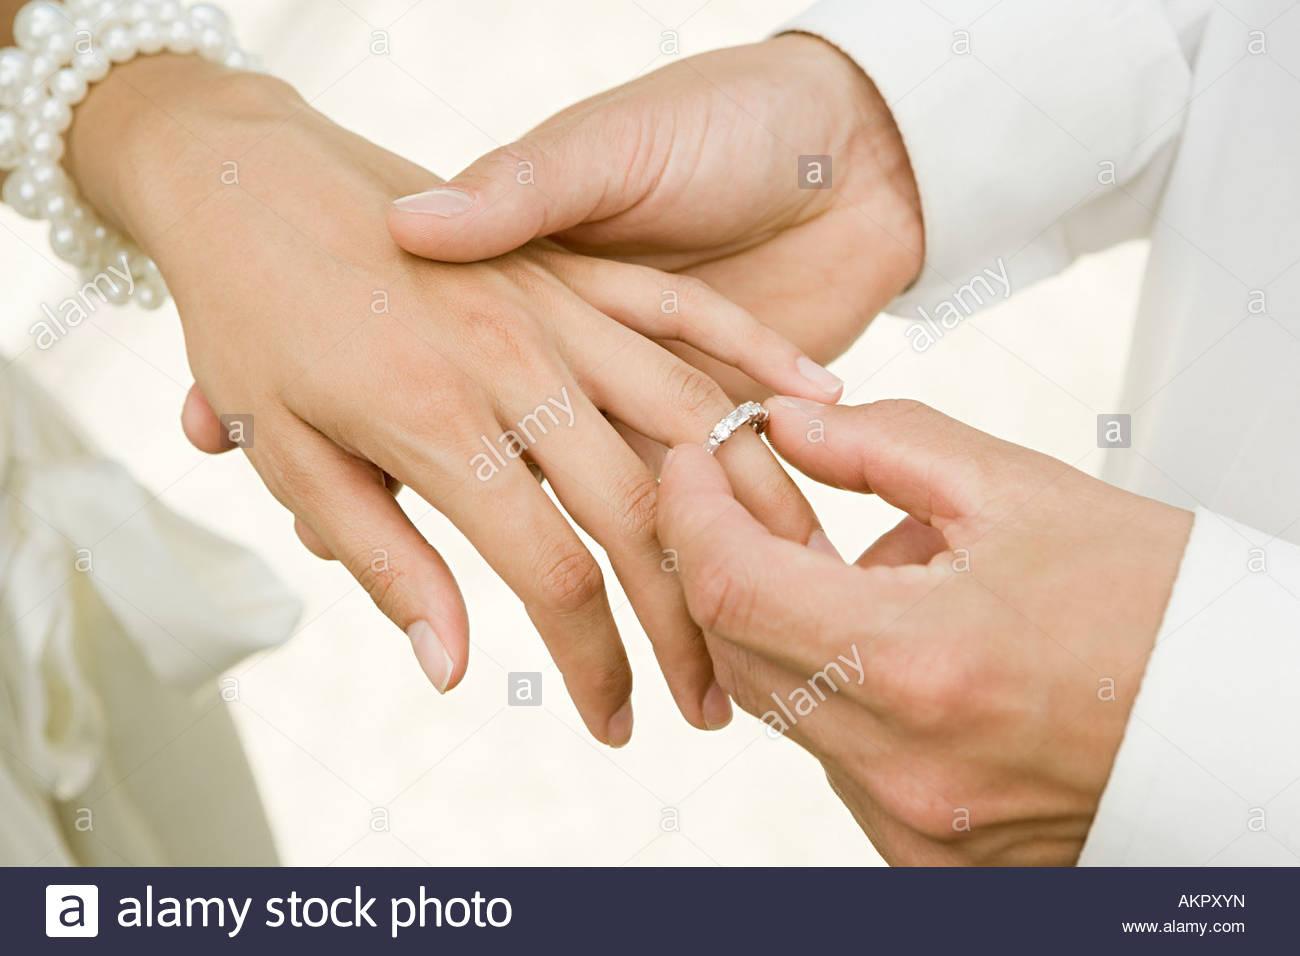 El hombre colocando el anillo de boda novias dedo Imagen De Stock